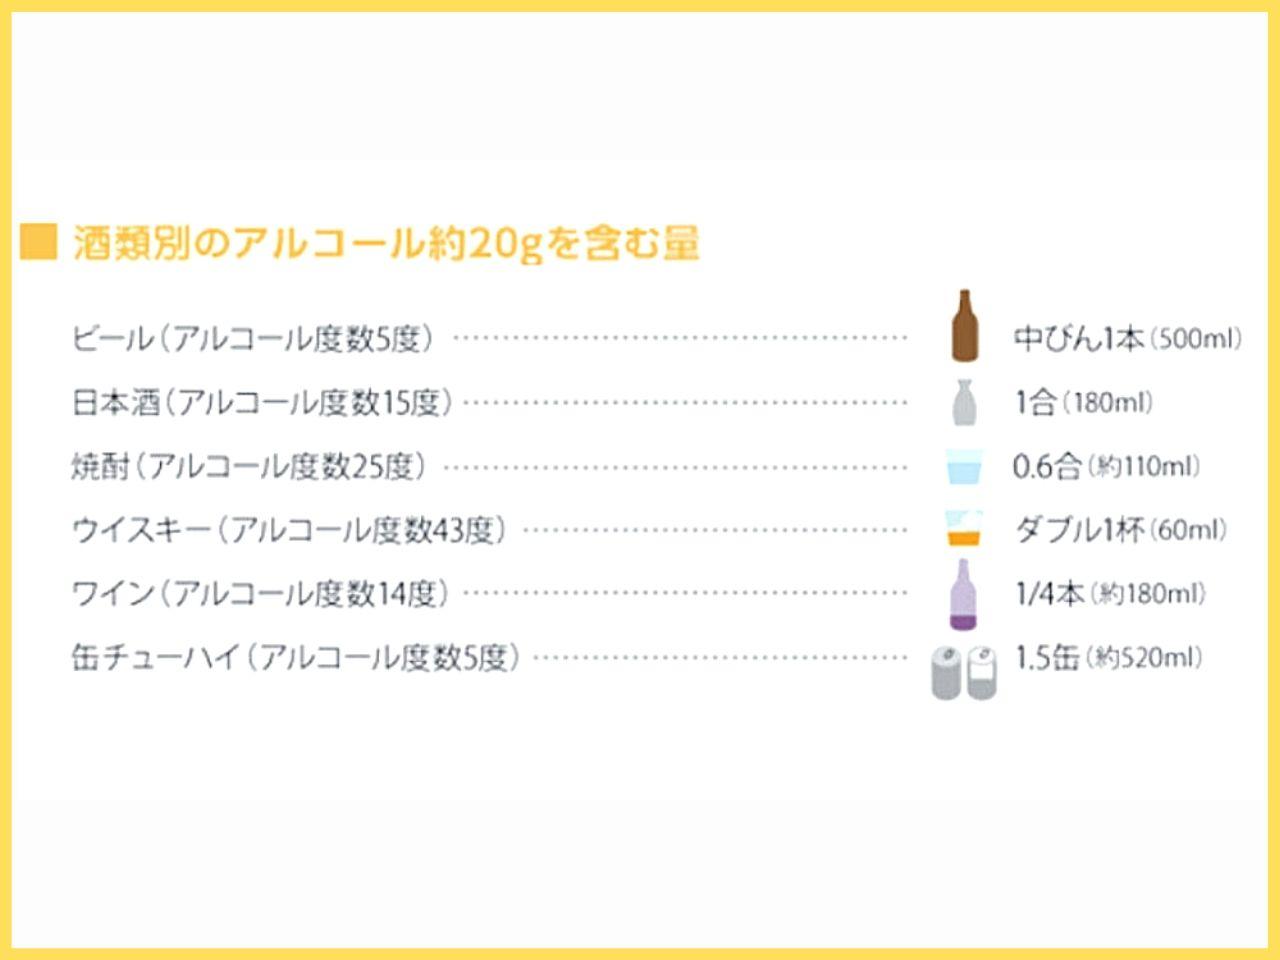 アルコール量の目安の表